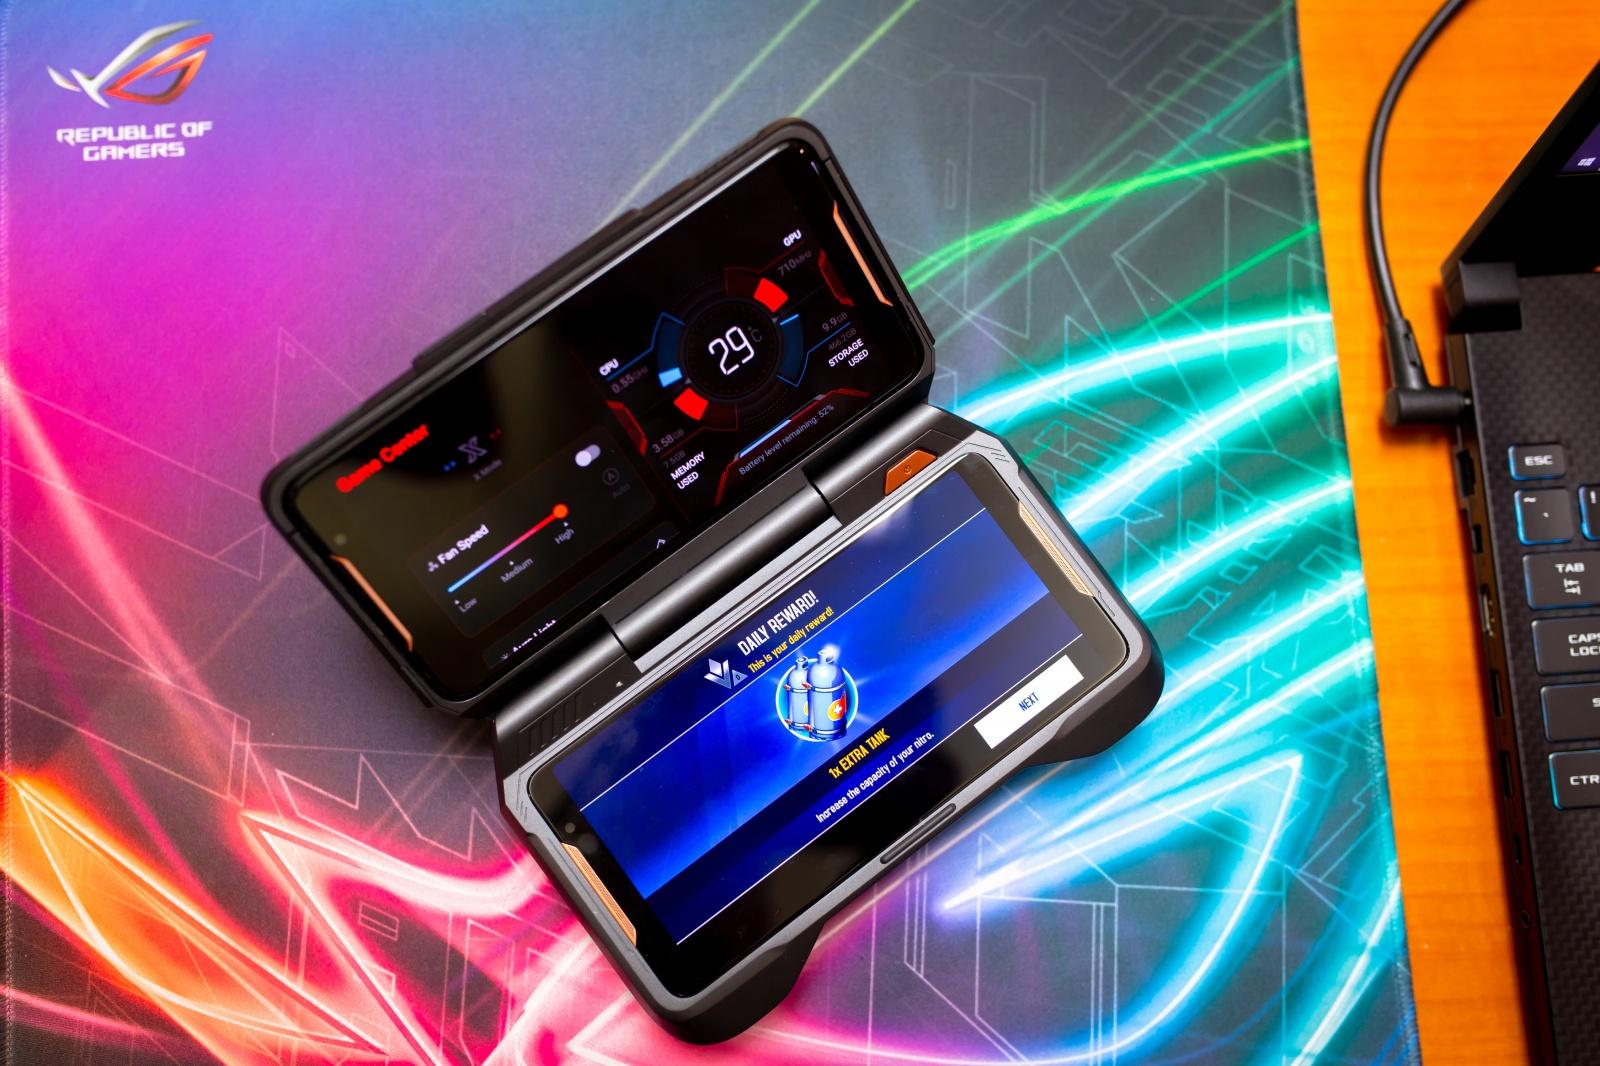 Первый взгляд на геймерский смартфон ASUS ROG Phone - 26